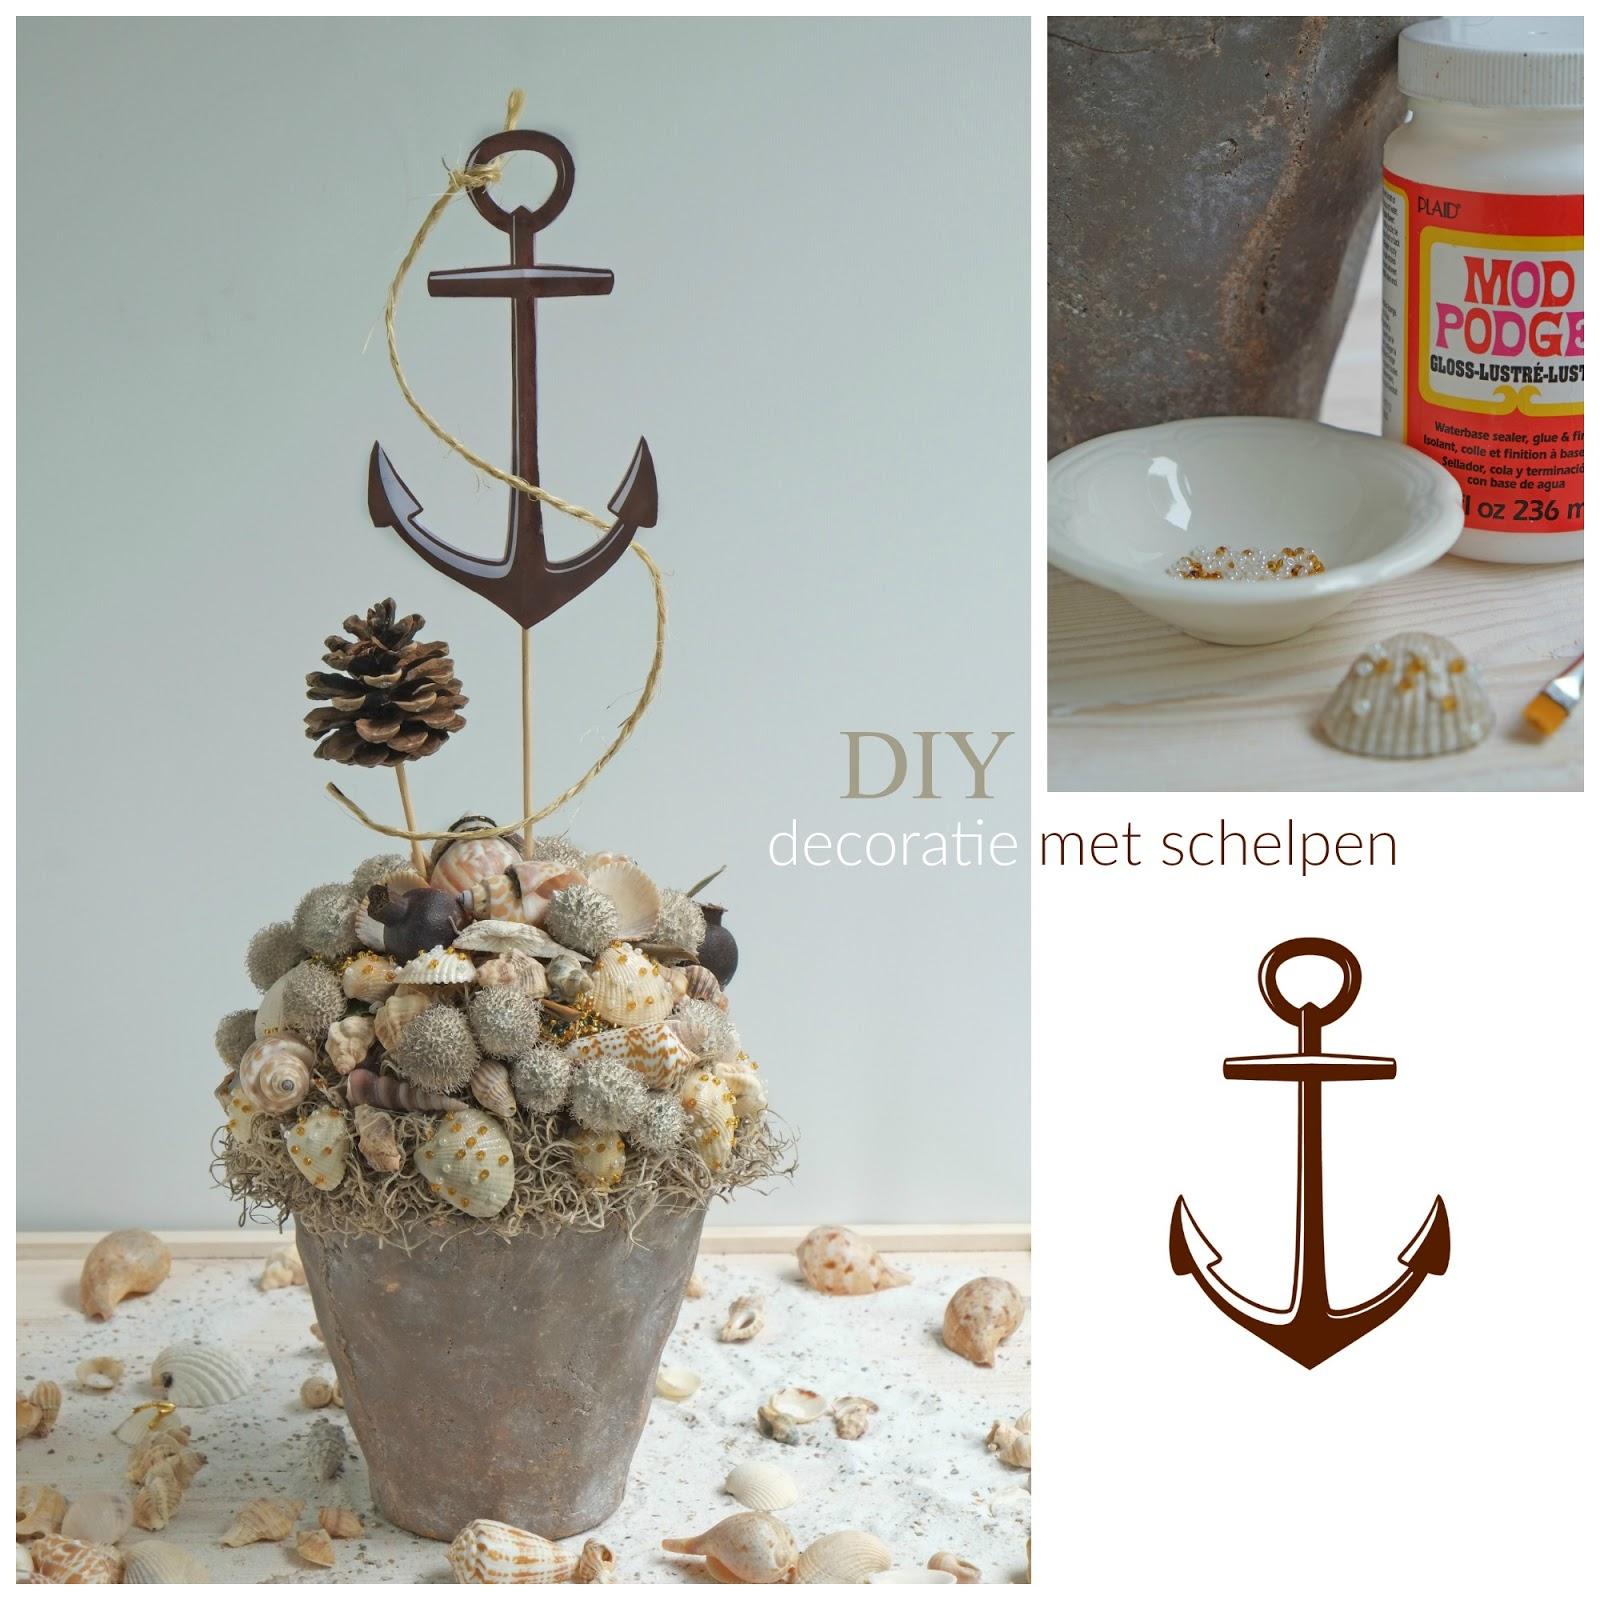 Mooie decoratie met schelpen diy interieur idee n for Decoratie zomer